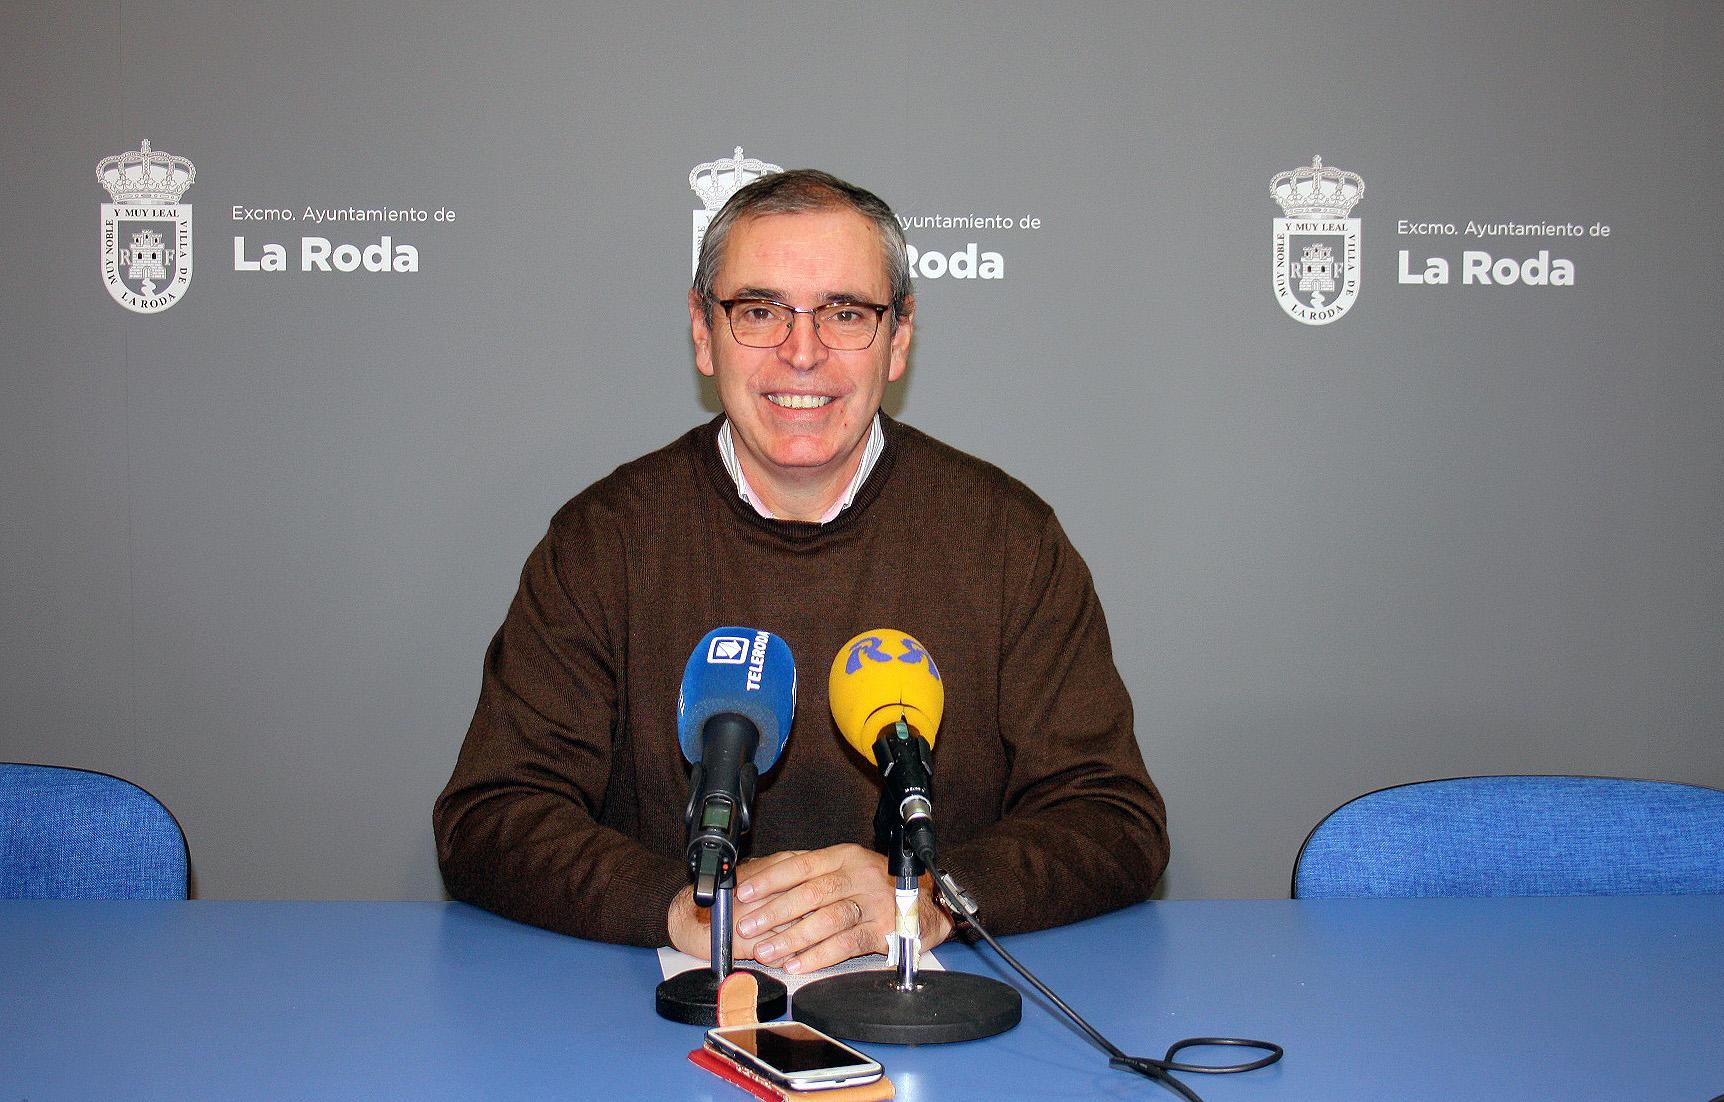 Vicente Aroca, Alcalde De La Roda, Se Mostró Muy Agradecido A La ONCE Por Atender La Solicitud Del Ayuntamiento Rodense